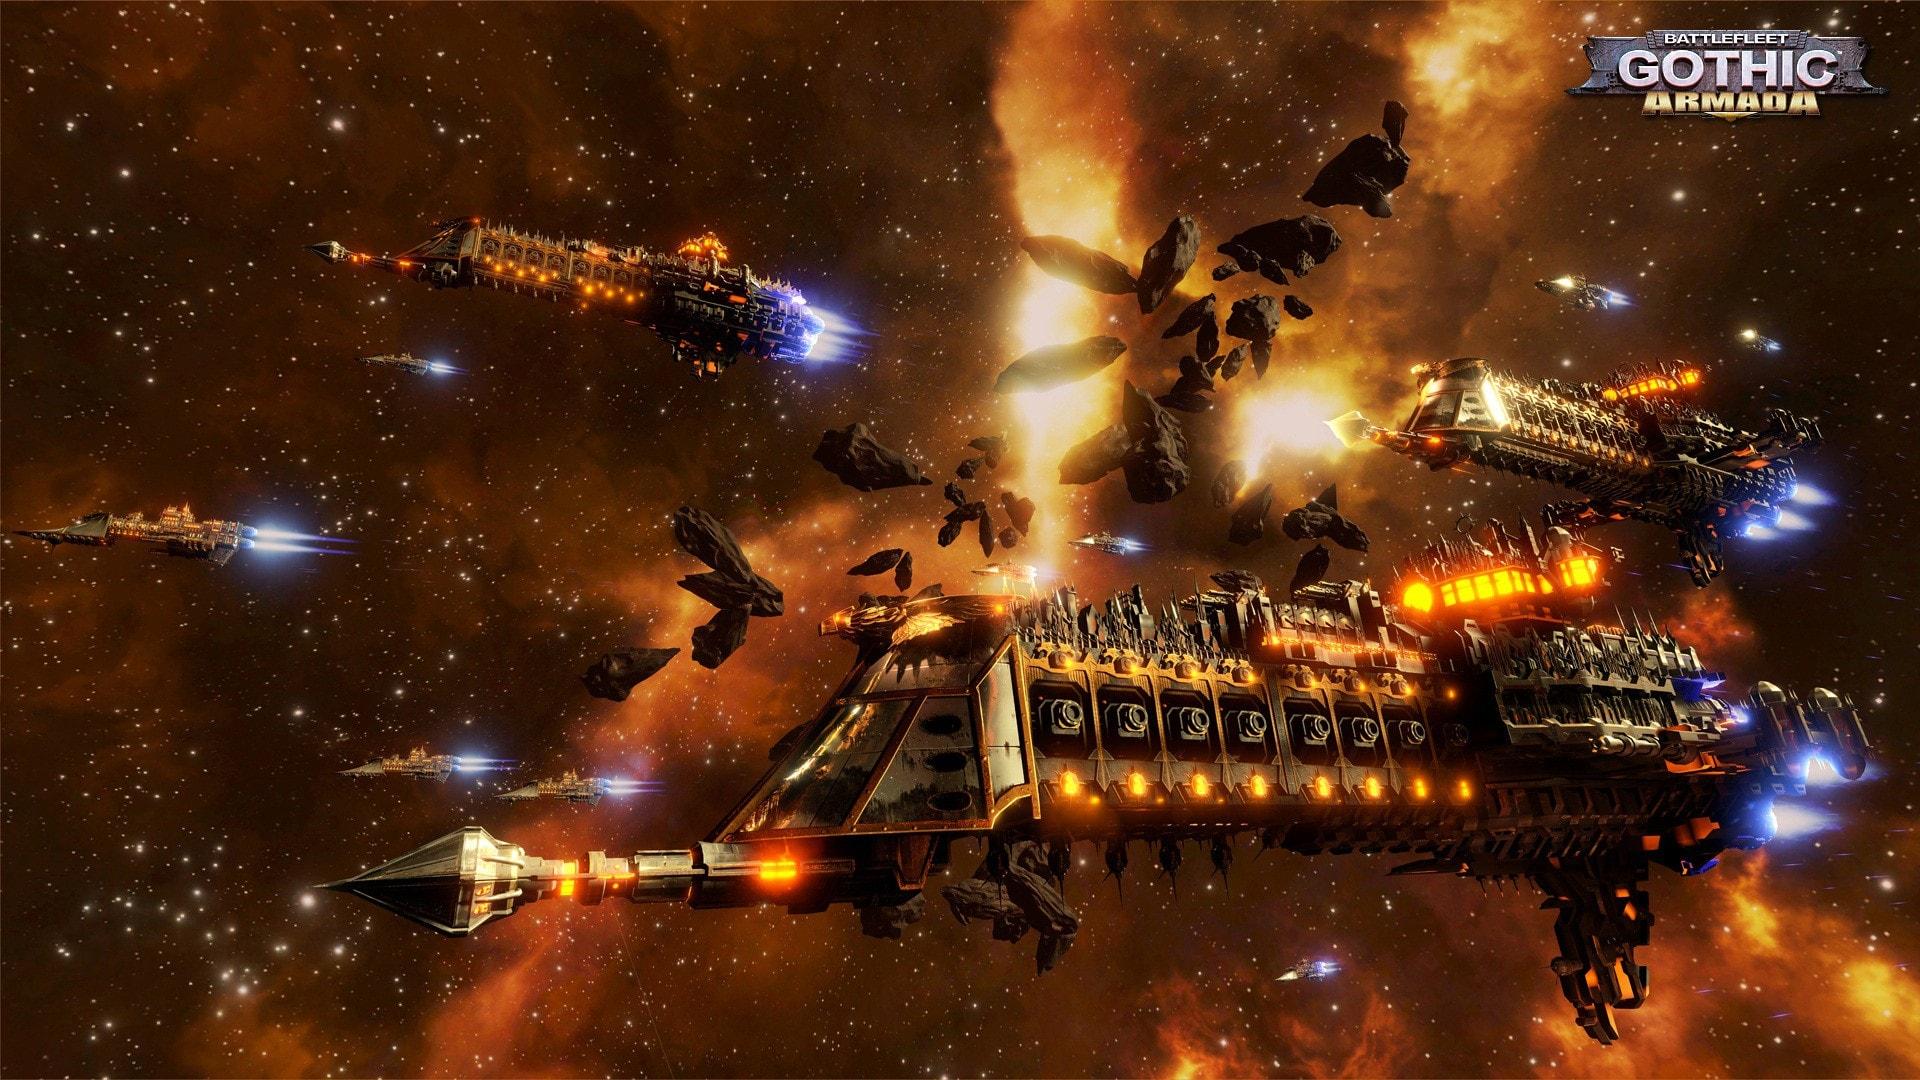 Battlefleet Gothic: Armada Desktop wallpapers